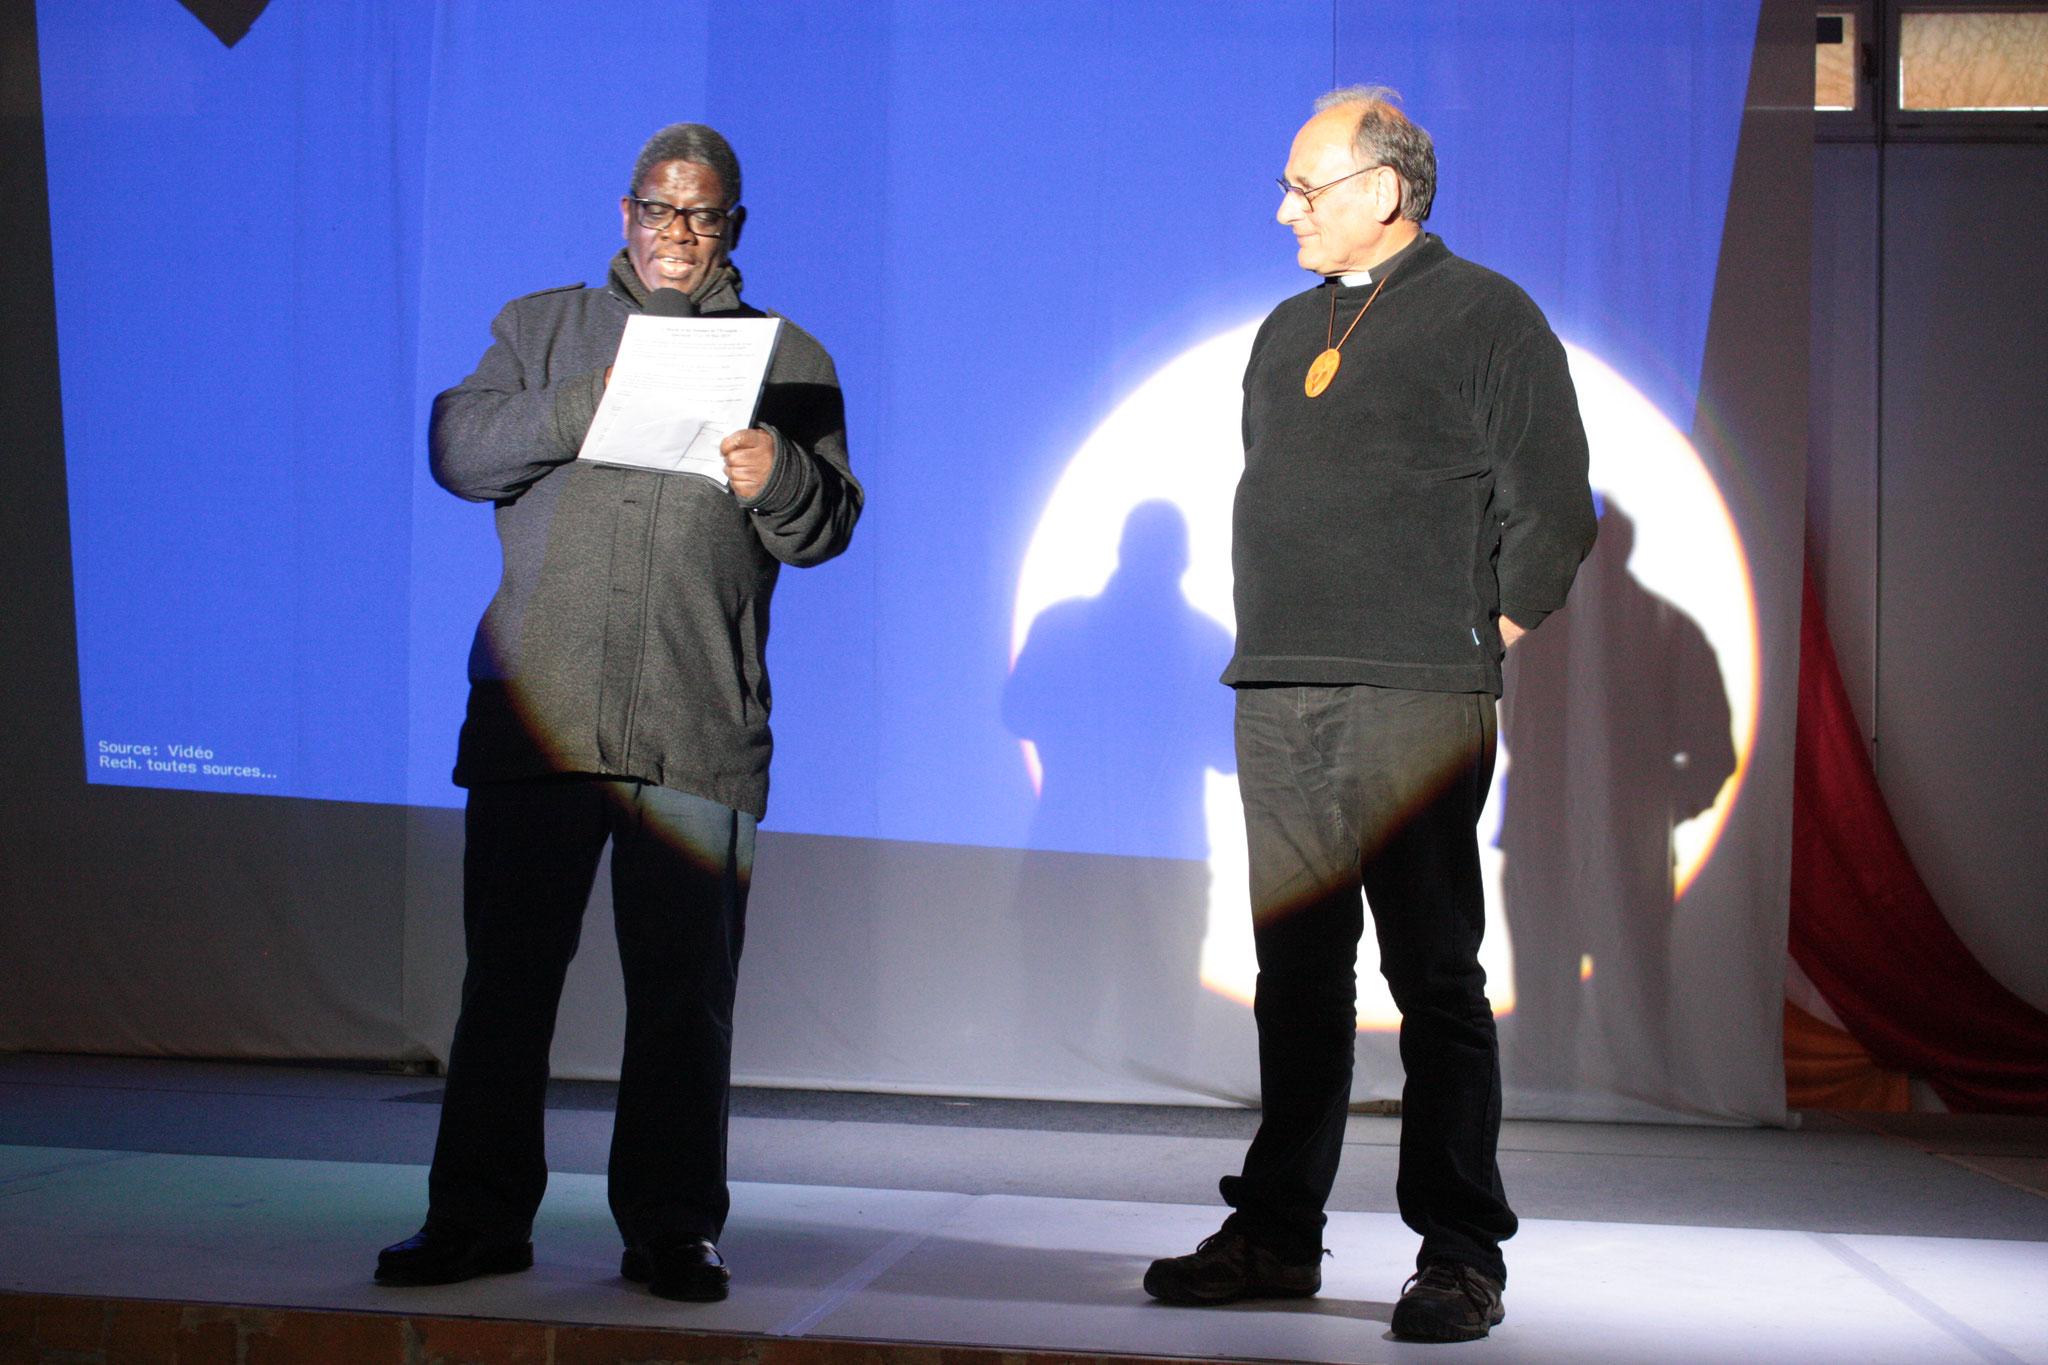 Père Mathias (paroisse) et père Serge Solignac (Baladins) - photo JDR